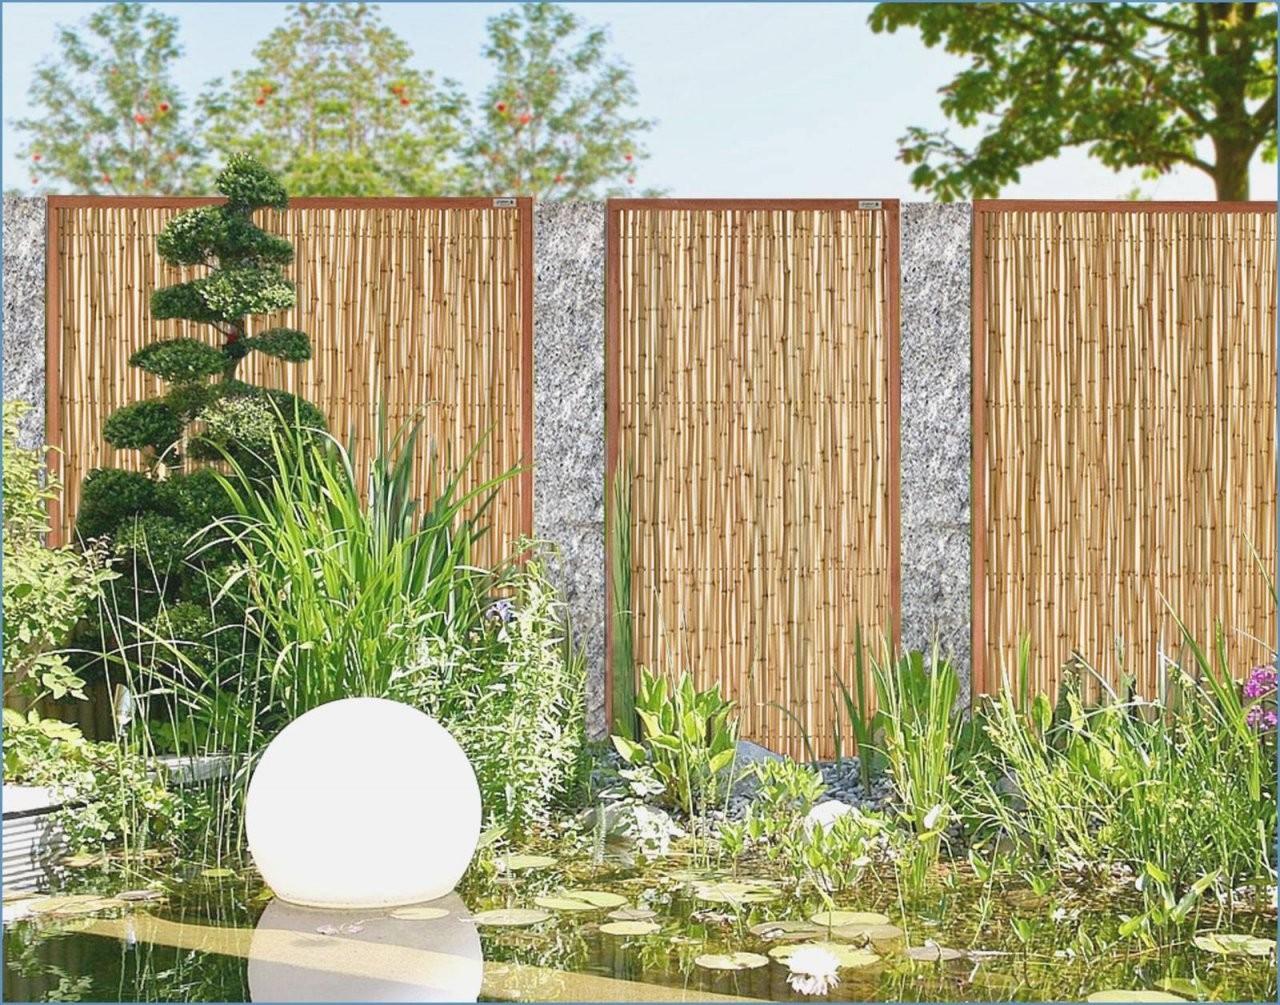 Balkon Sichtschutz Holz Selber Bauen Abbild Einzigartige Garten Für von Kreativer Sichtschutz Selber Bauen Bild